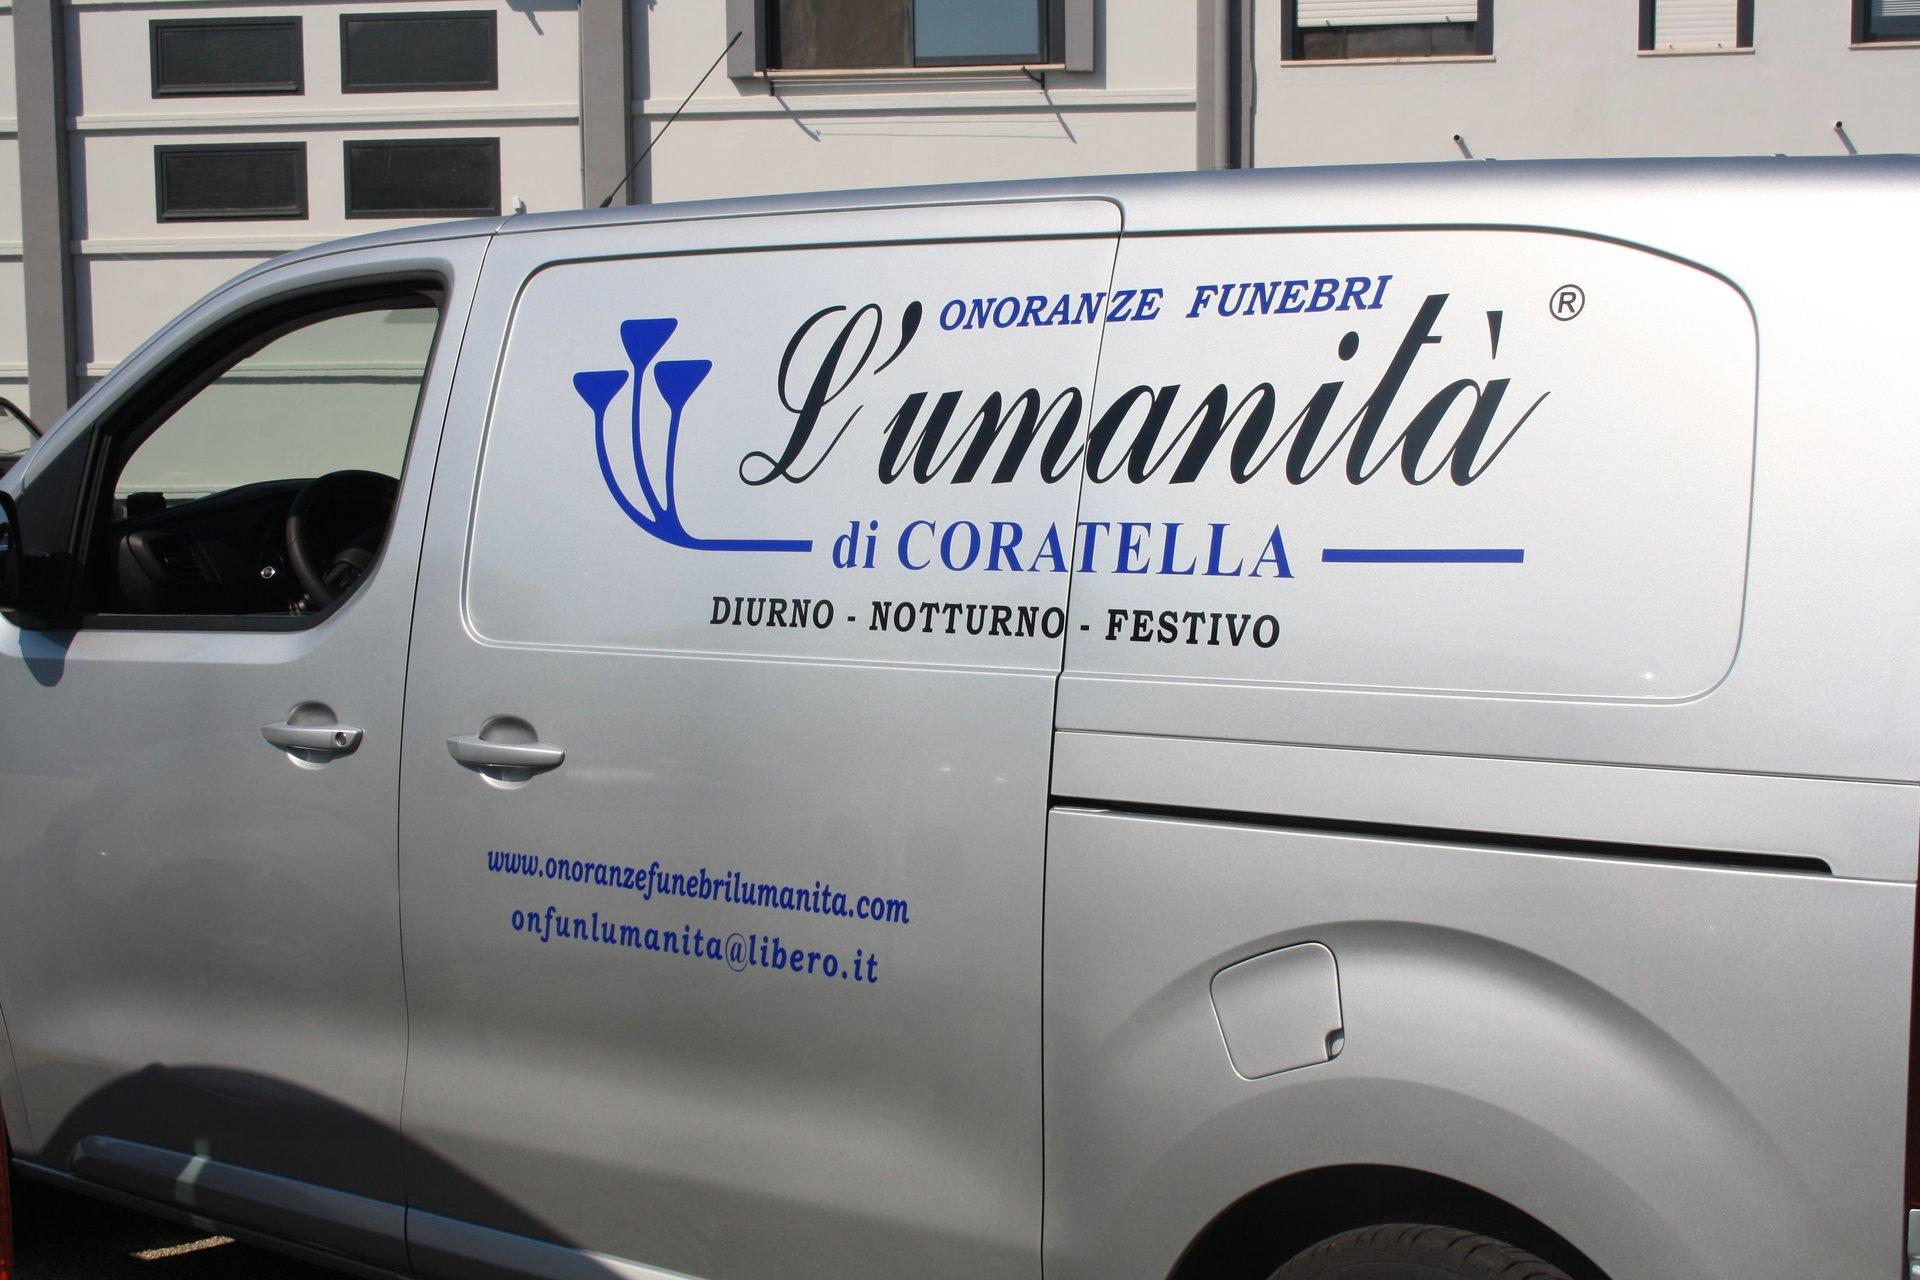 un furgone con scritto Onoranze Funebri L'Umanita' di Coratella